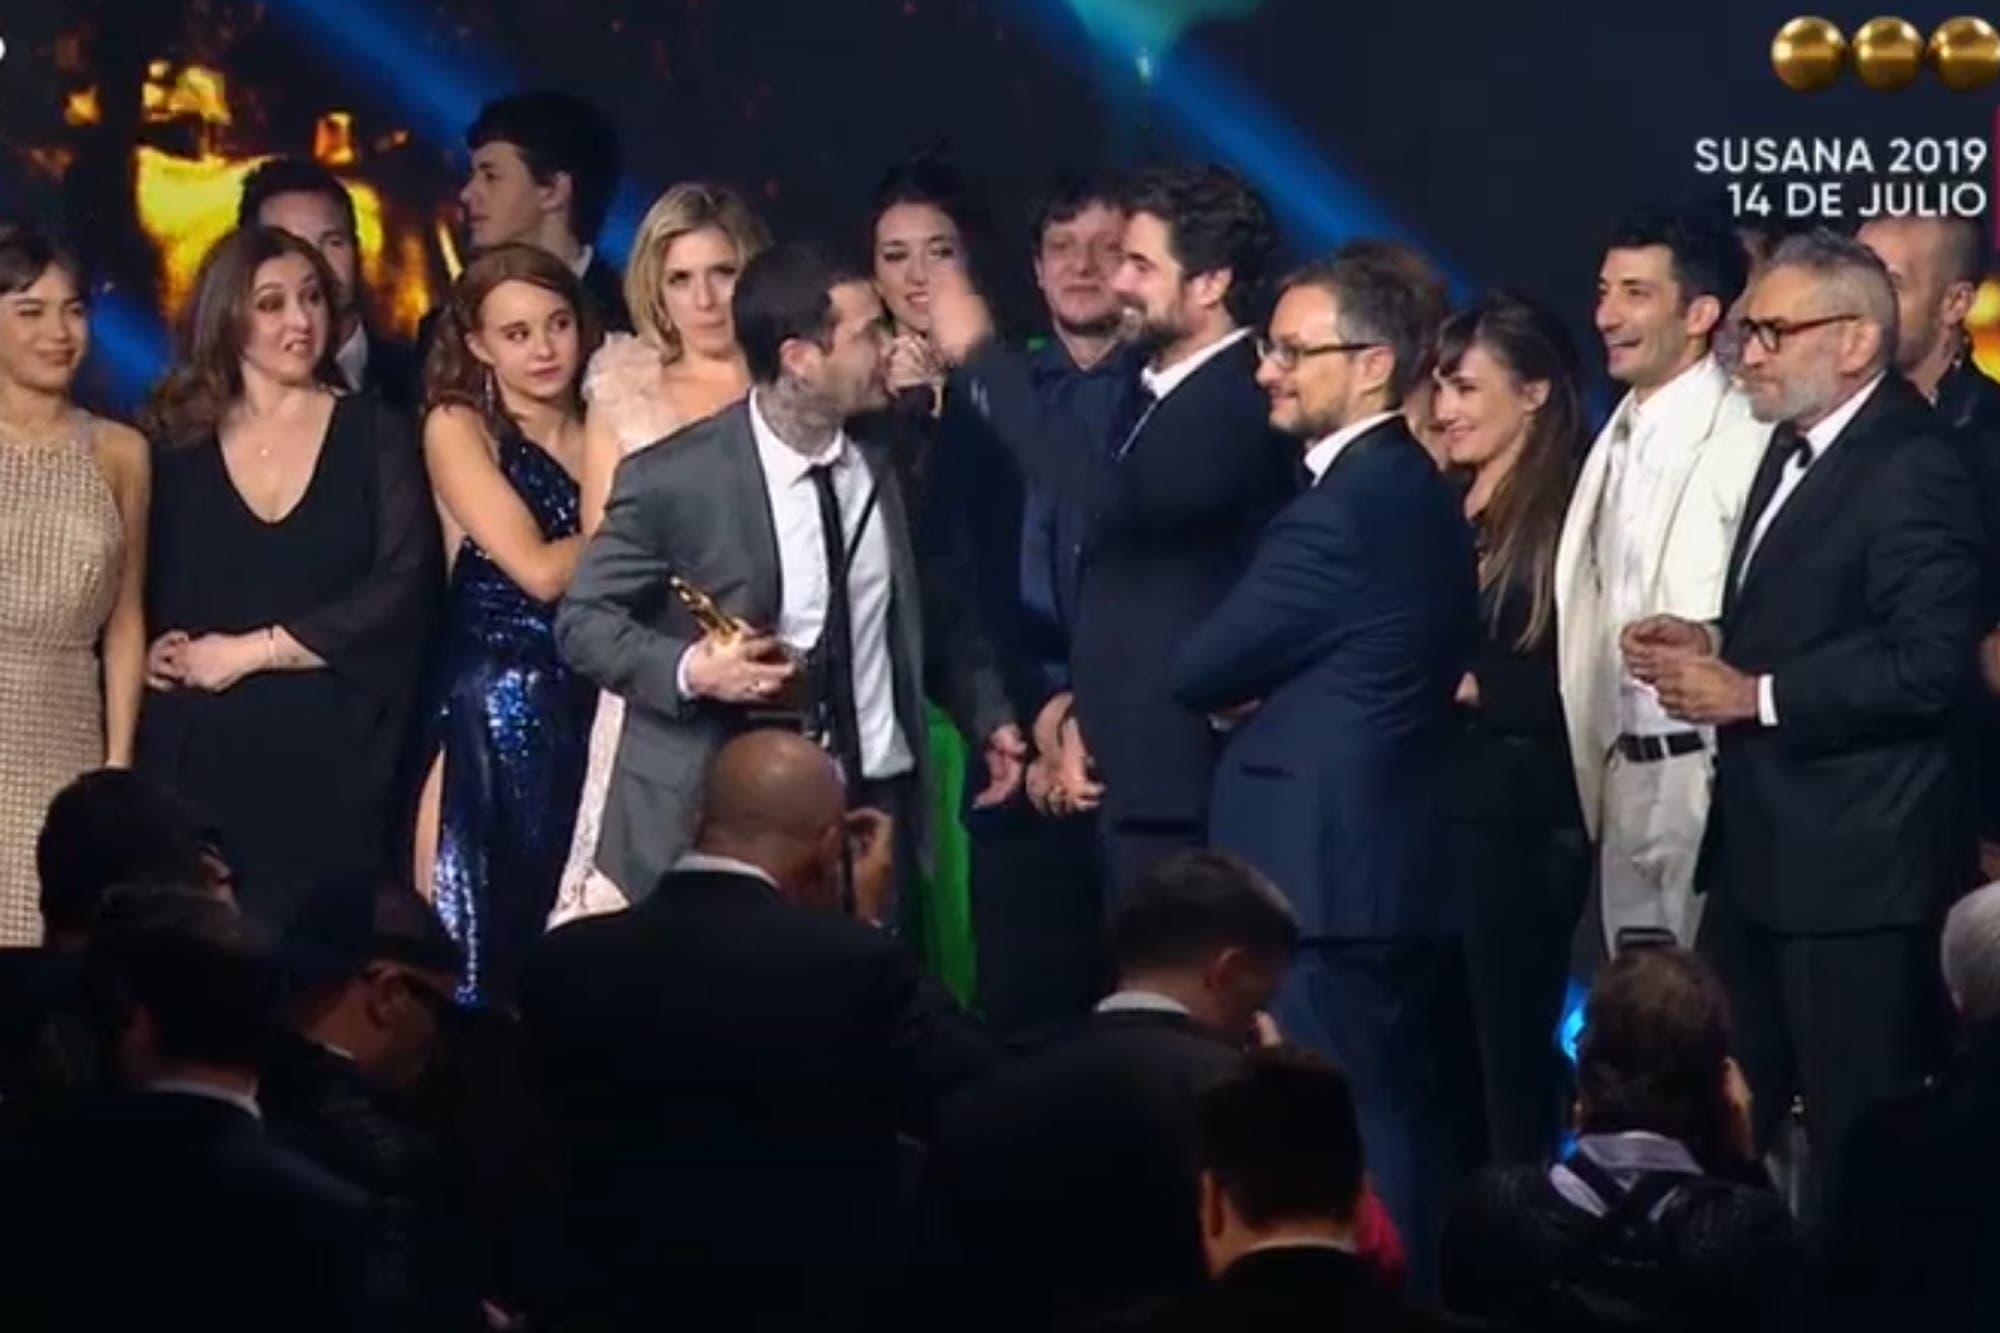 Martín Fierro 2019: lo mejor y lo peor de la noche